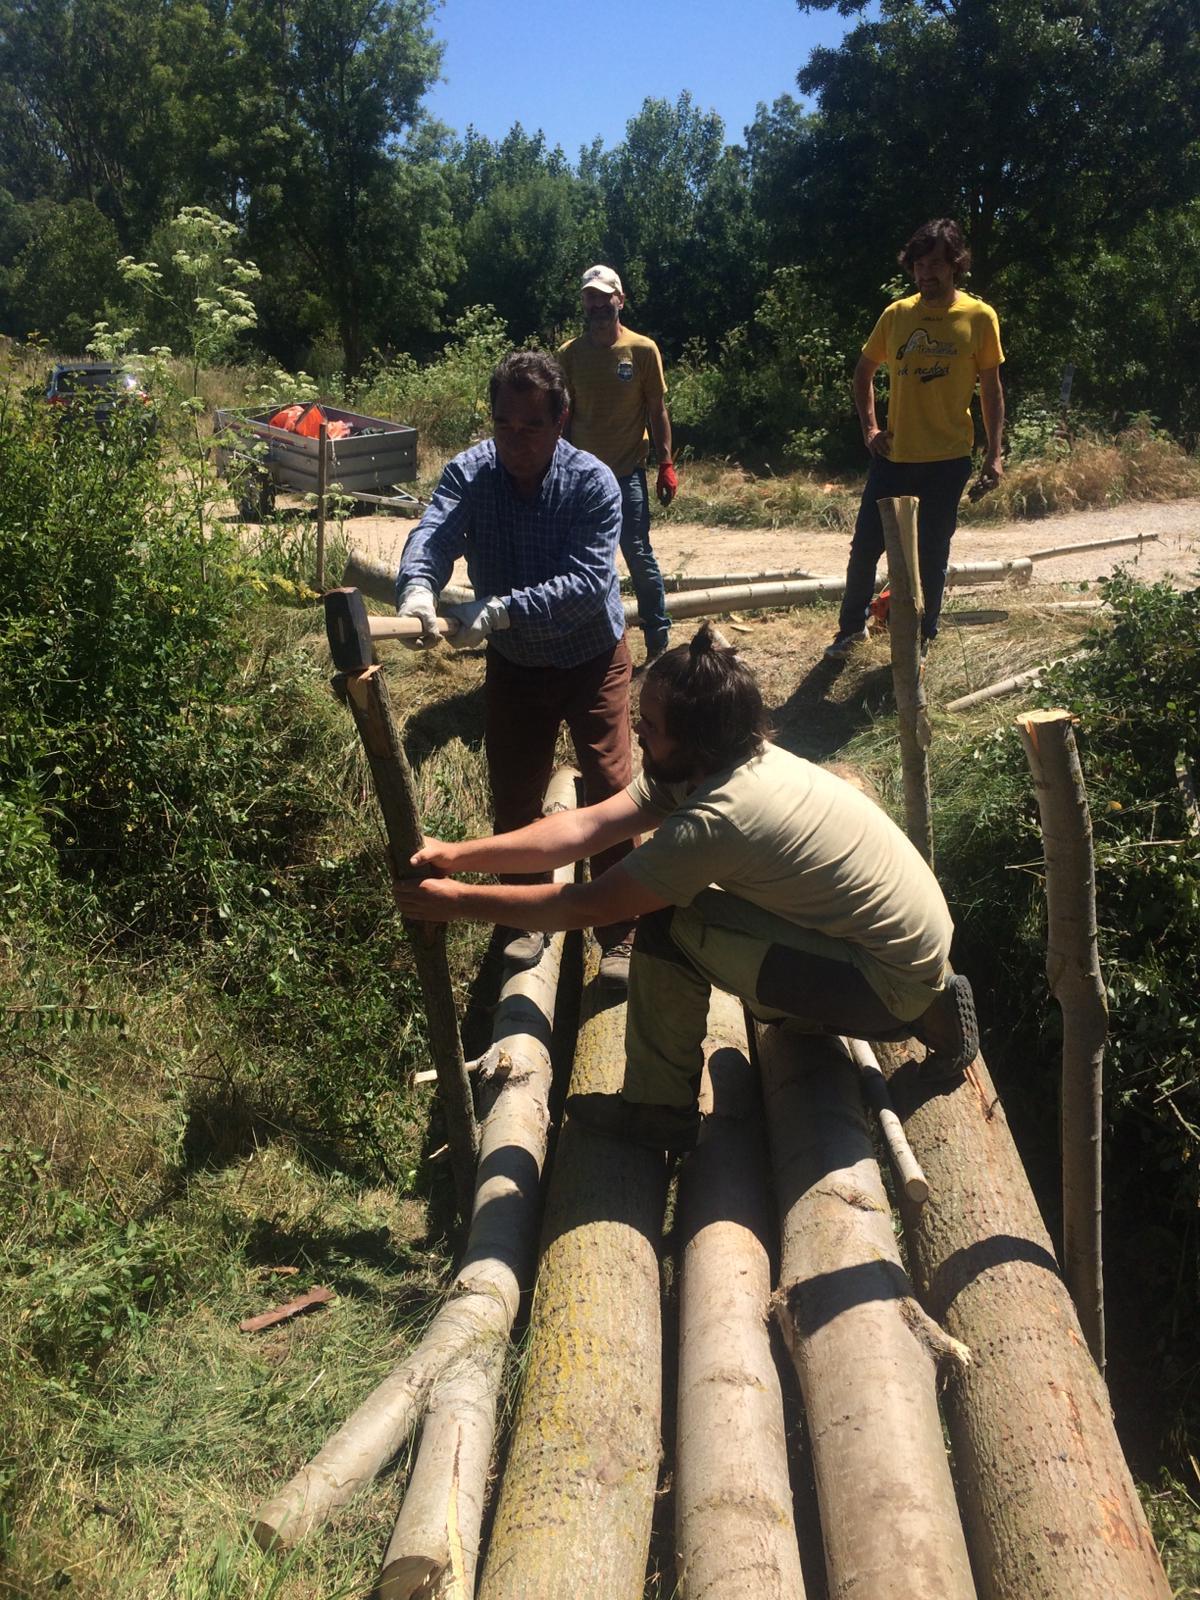 Construcción de un puente por el voluntariado ambiental